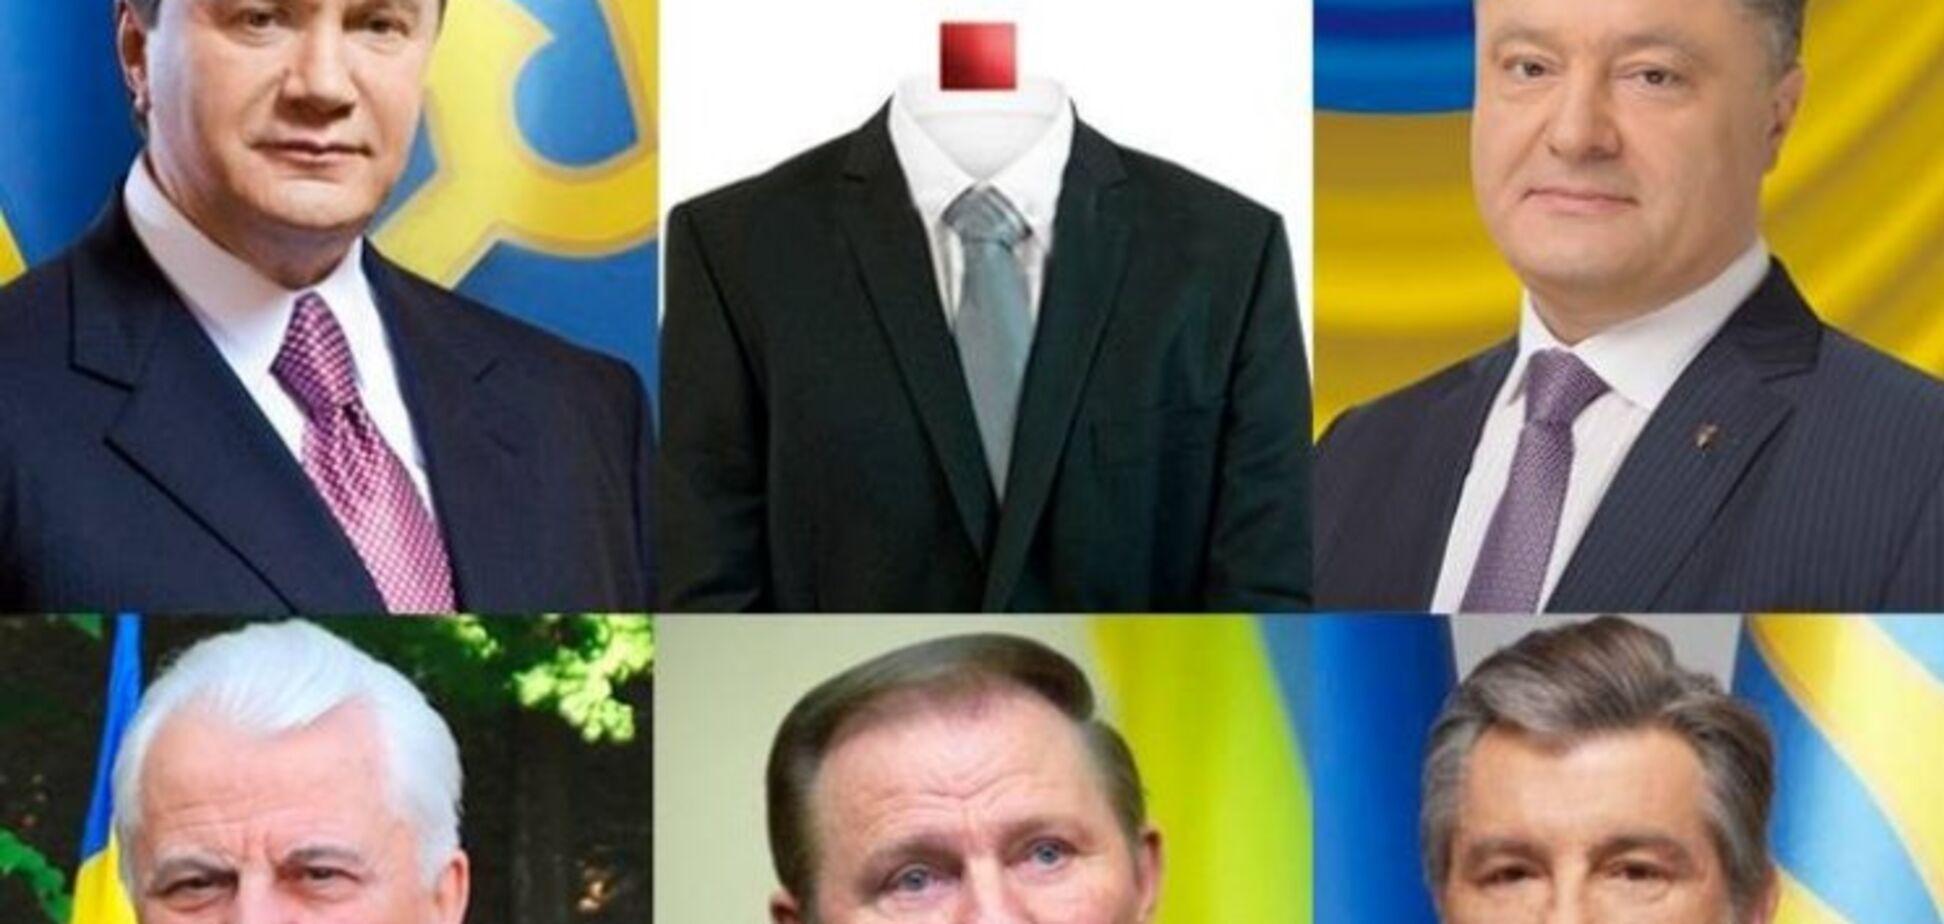 Хто хоче стати президентом України: найодіозніші кандидати